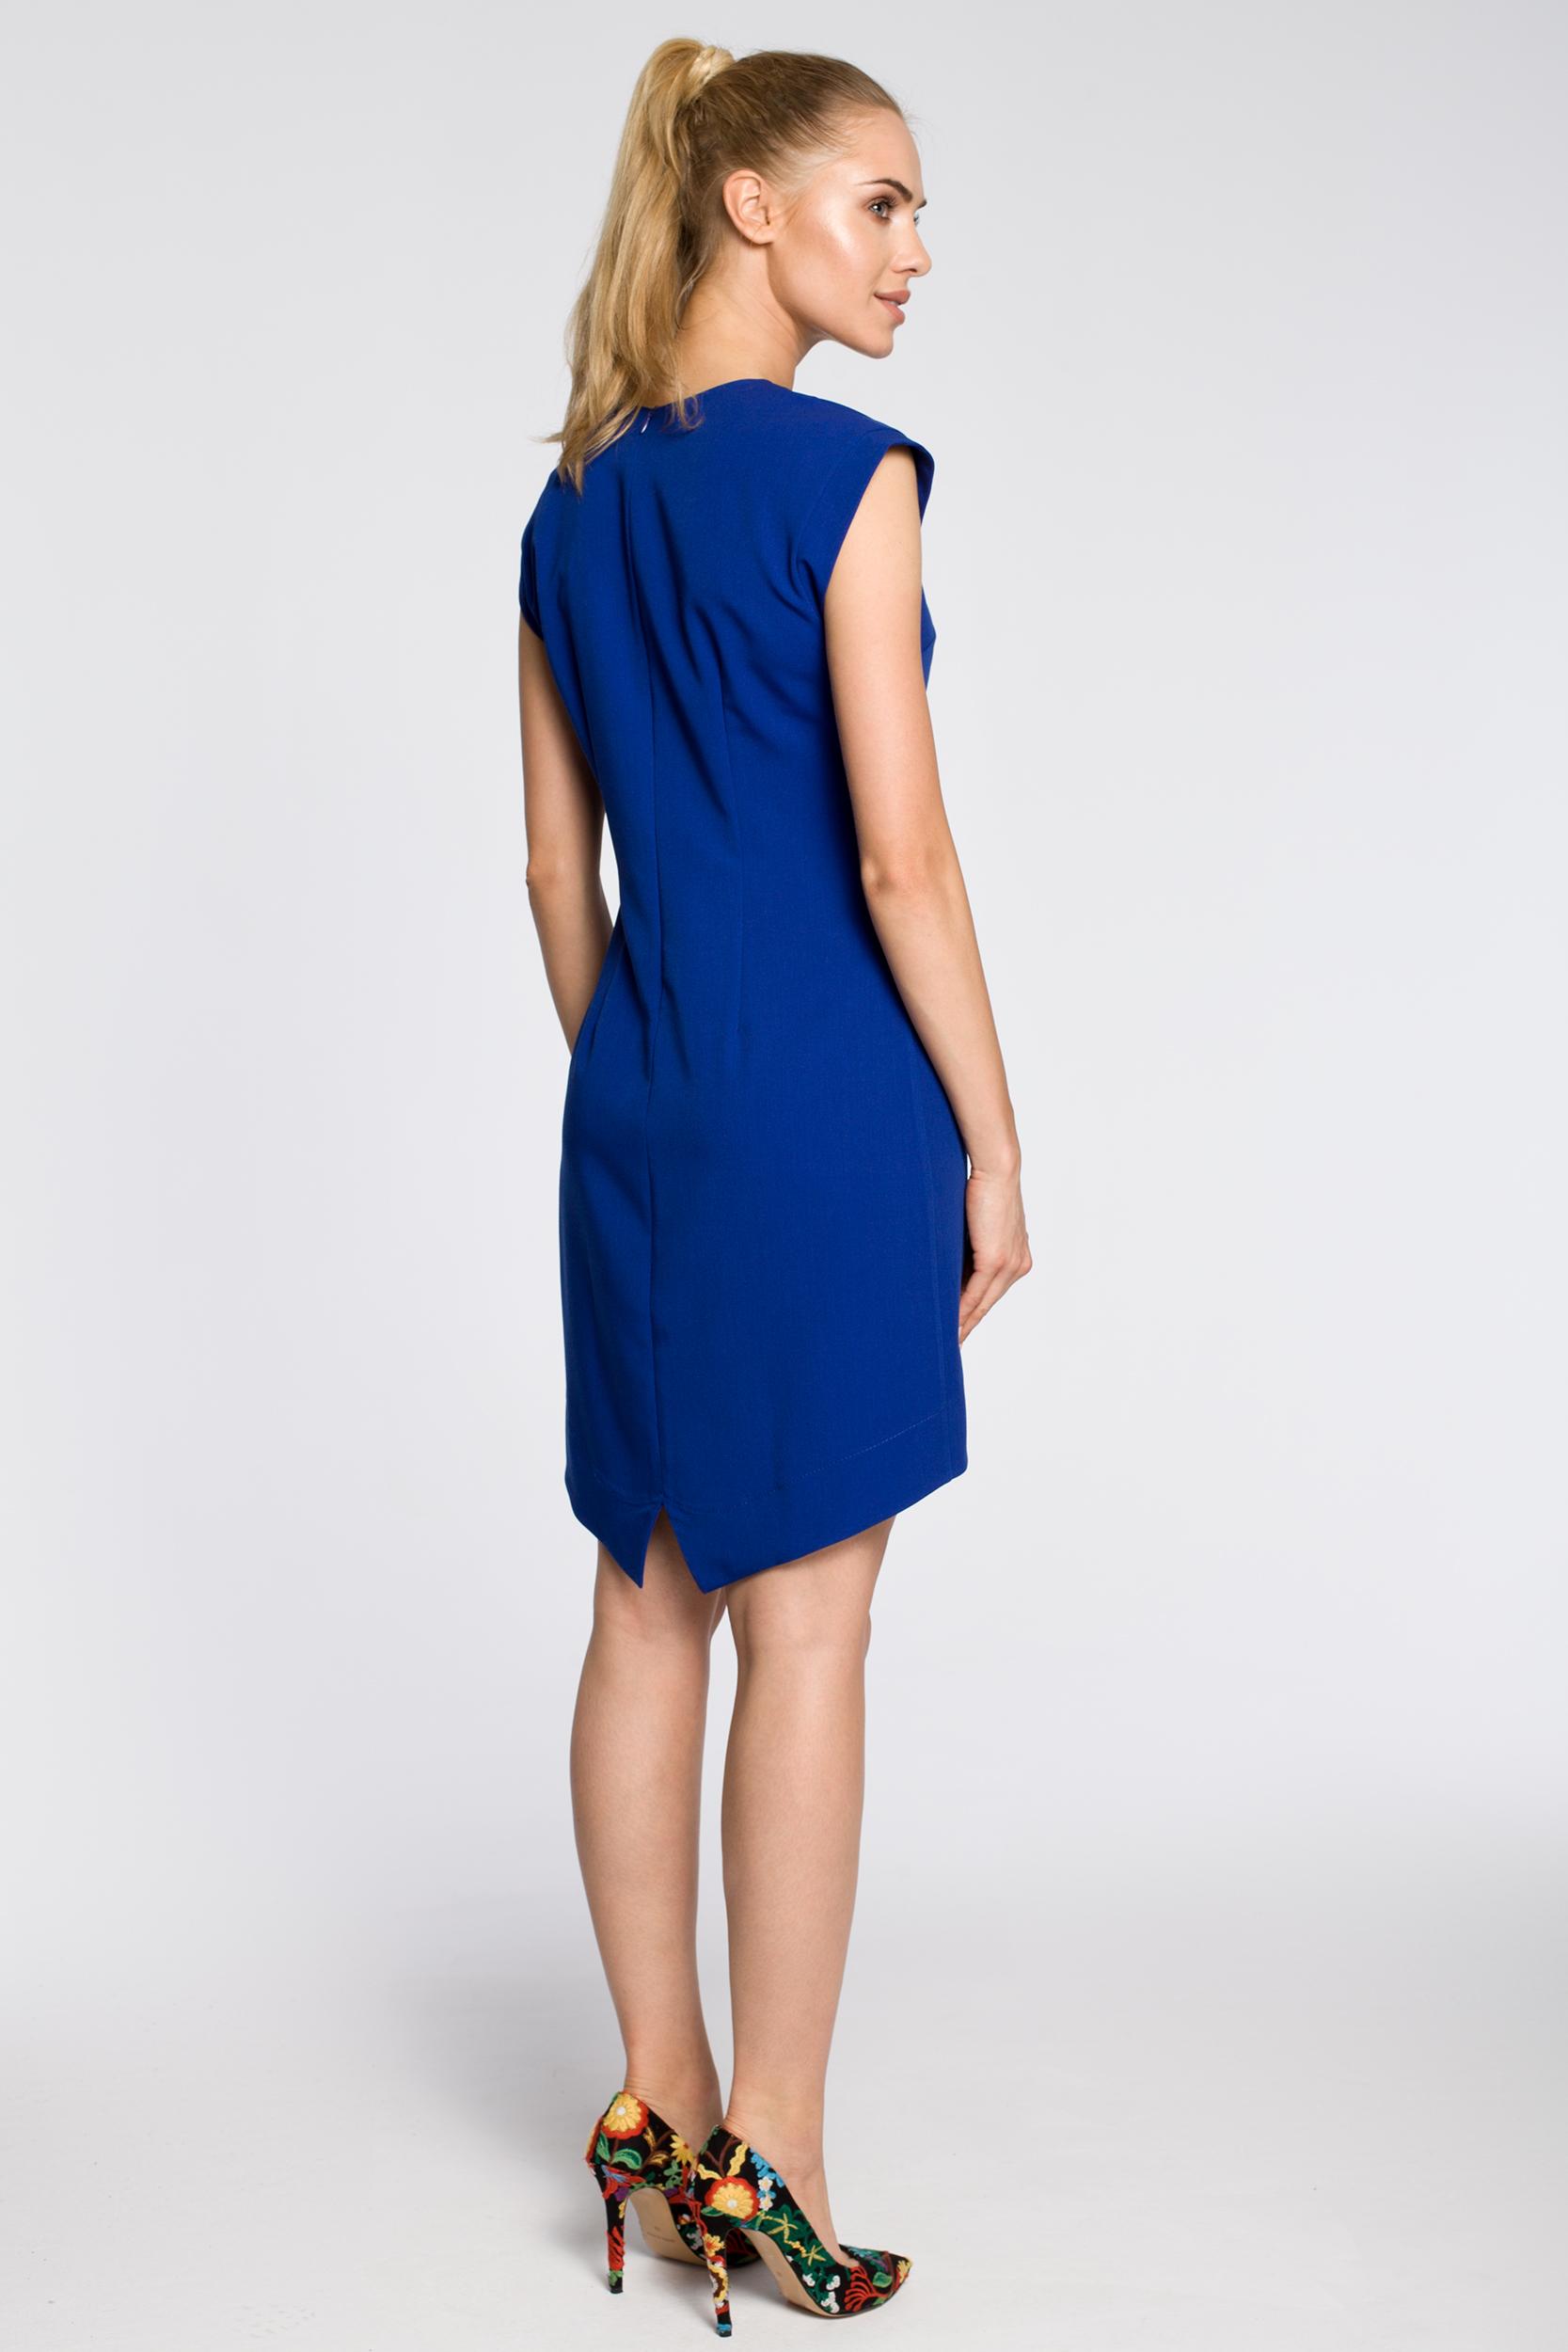 CM2346 Asymetryczna sukienka damska bez rękawów - chabrowa